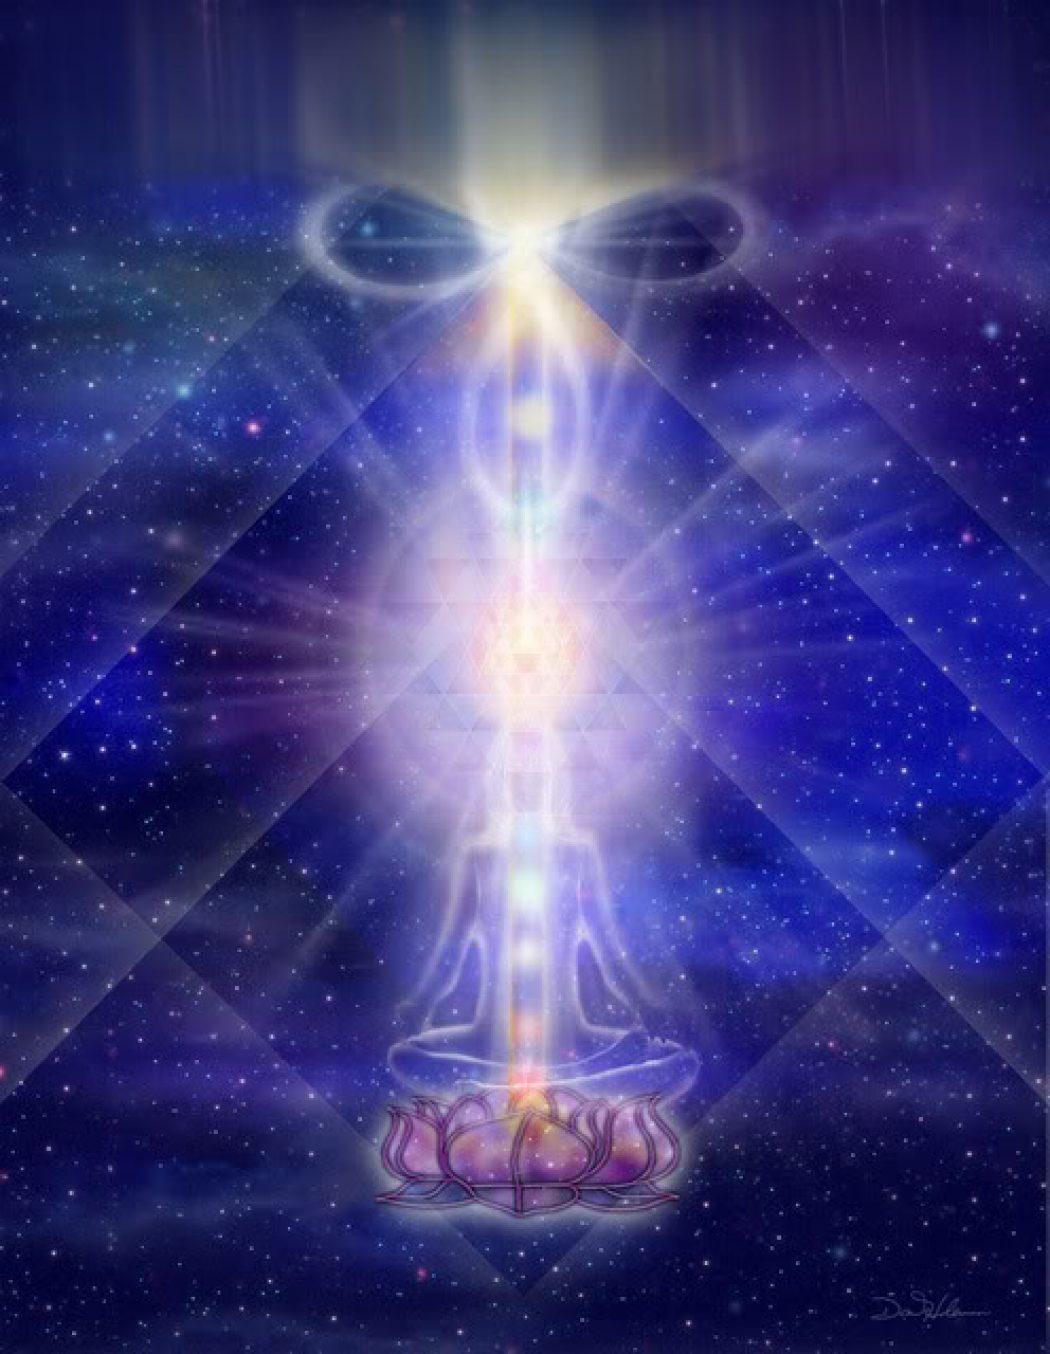 Las 12 dimensiones y la conciencia multidimensional